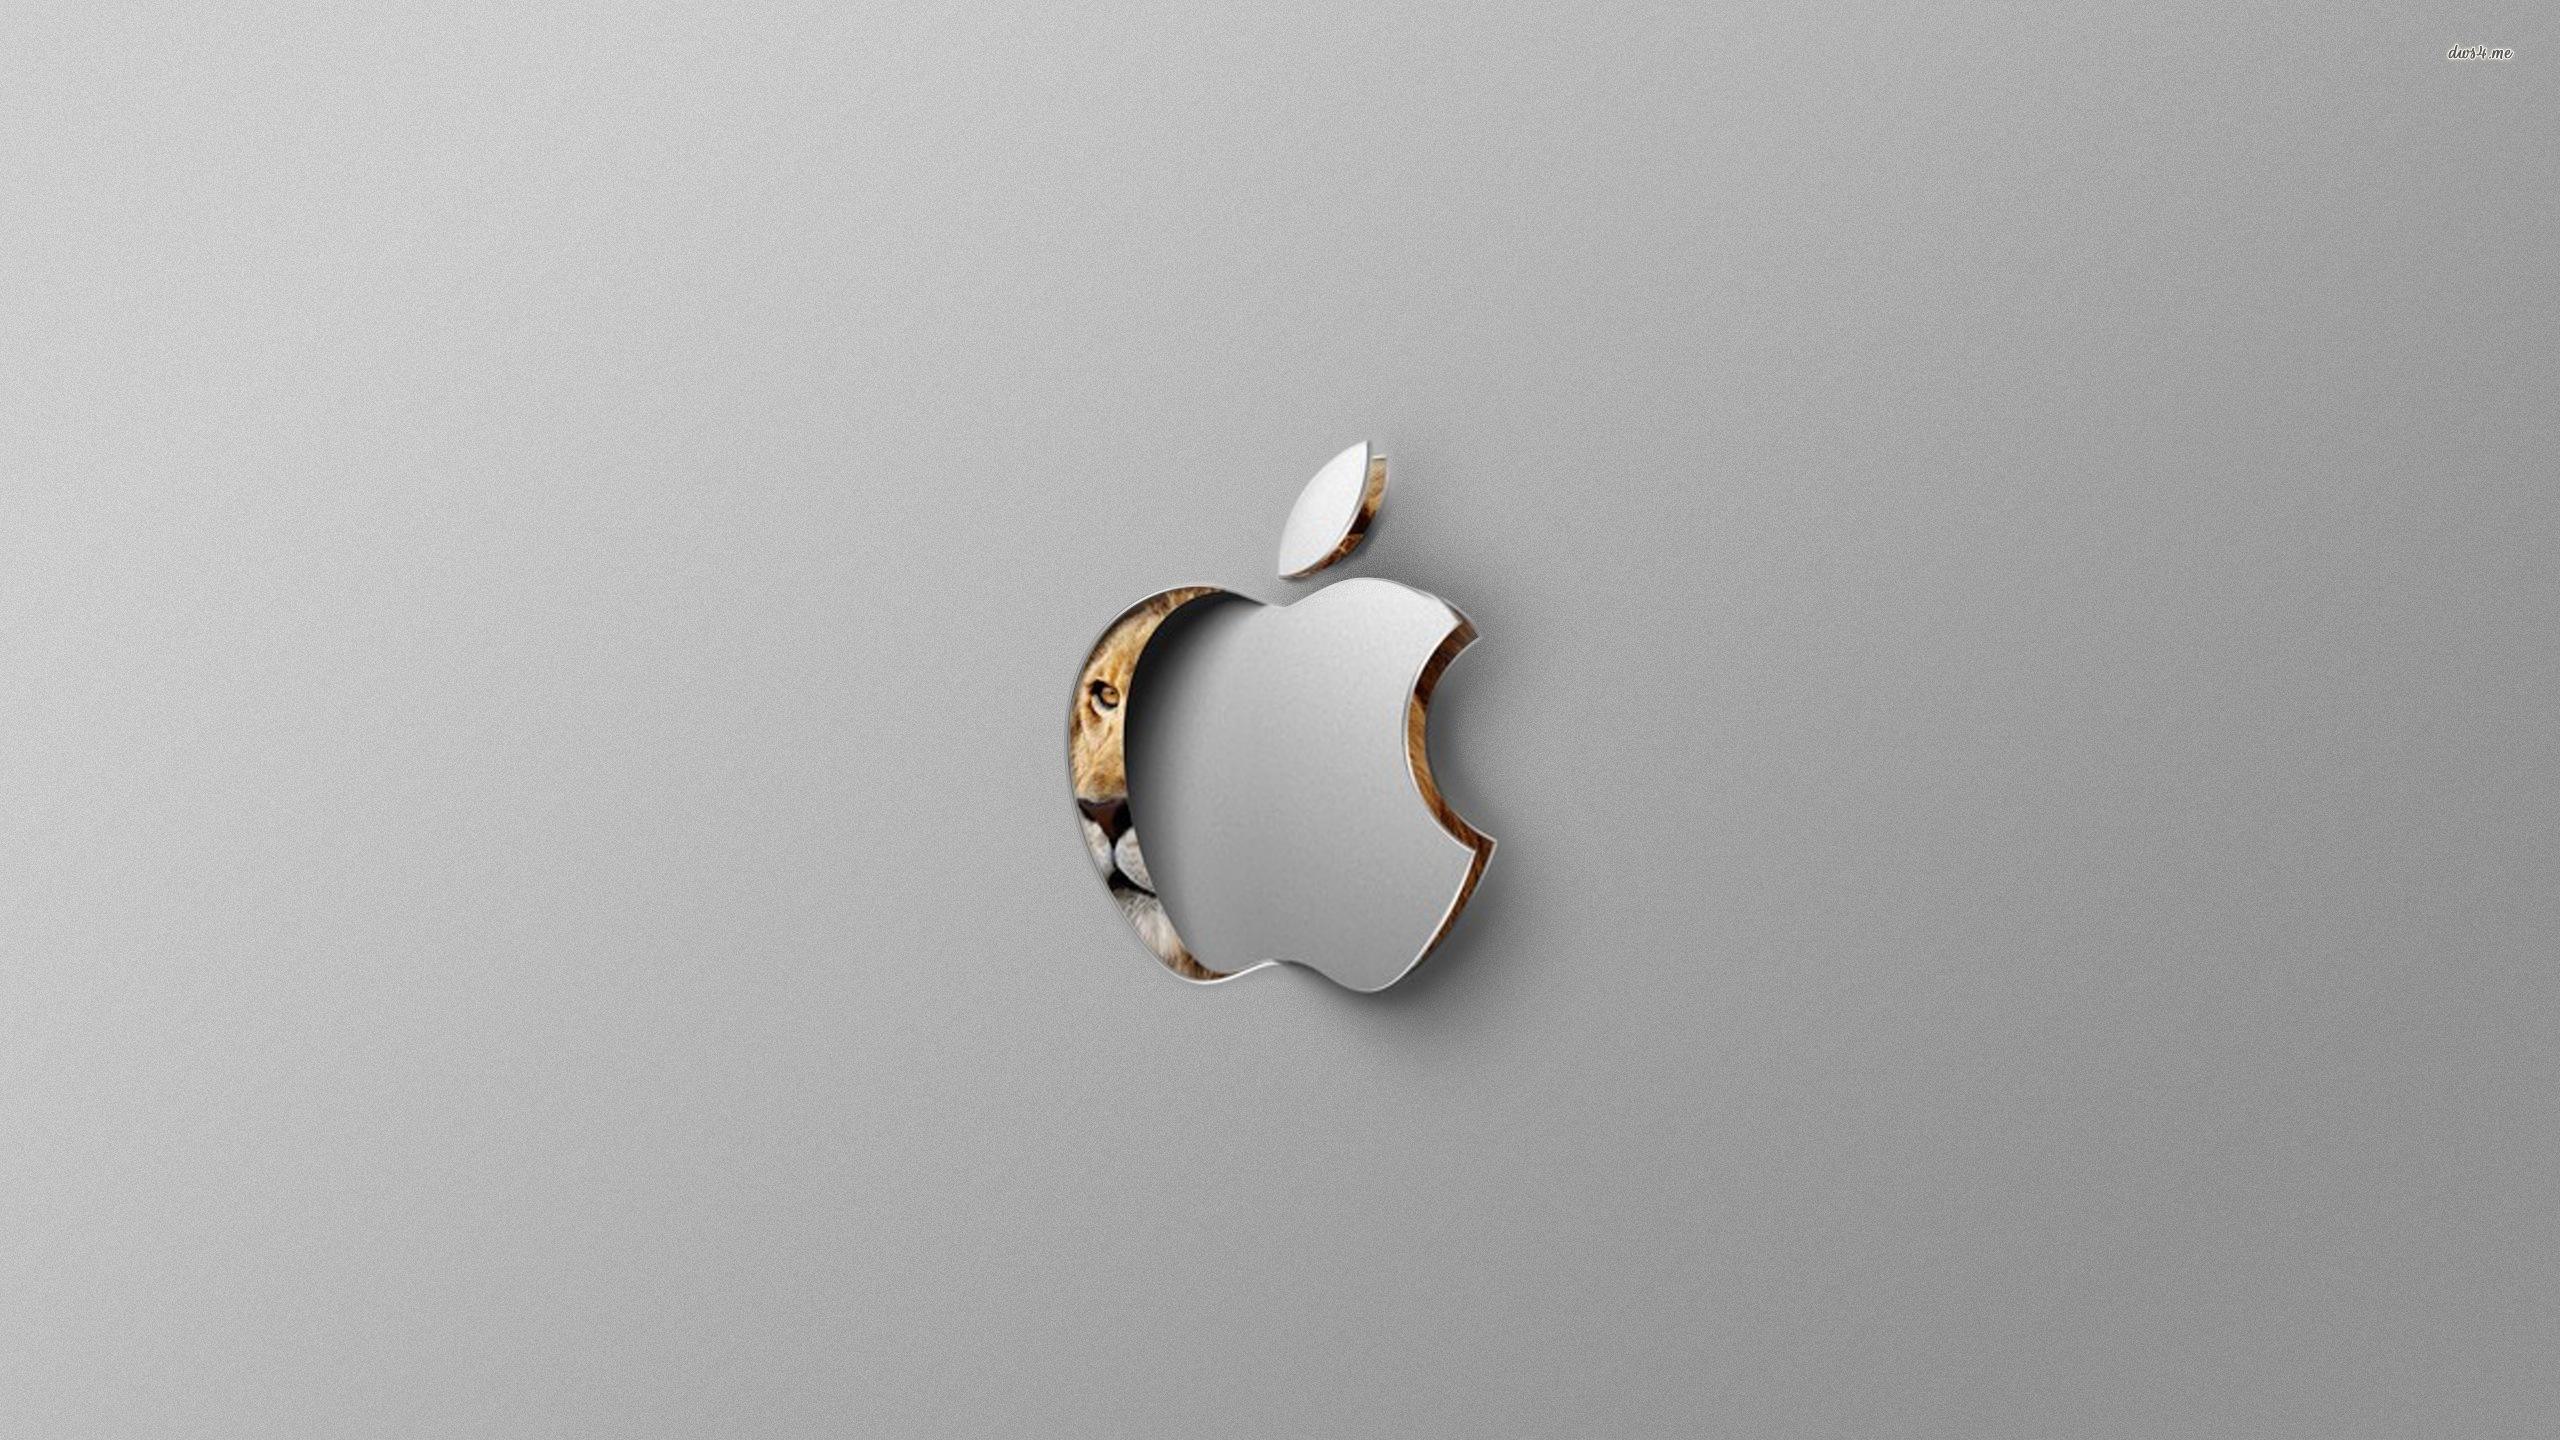 Hình nền dành cho máy tính quả táo cắn dở Apple